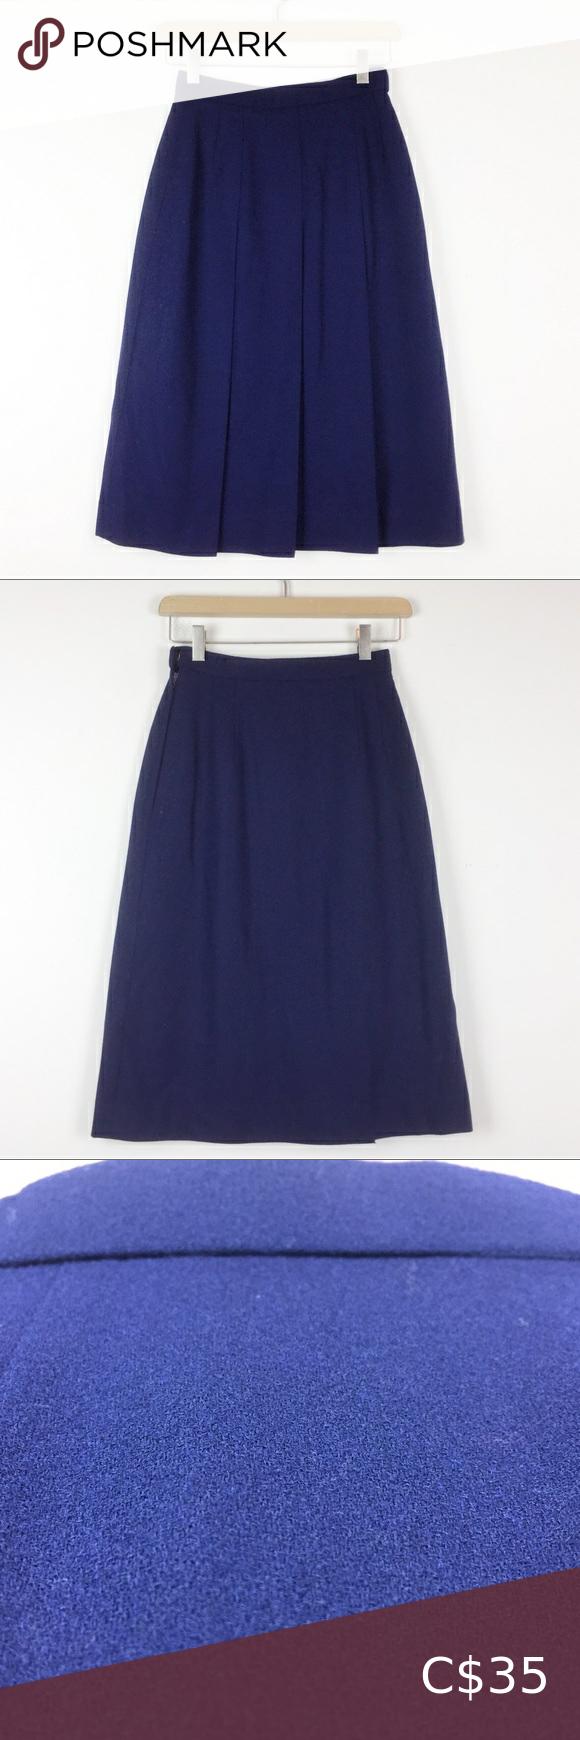 Vintage Navy Blue Pleated A Line Midi Skirt Japan In 2020 Midi Skirt Vintage Skirt Aline Midi Skirt